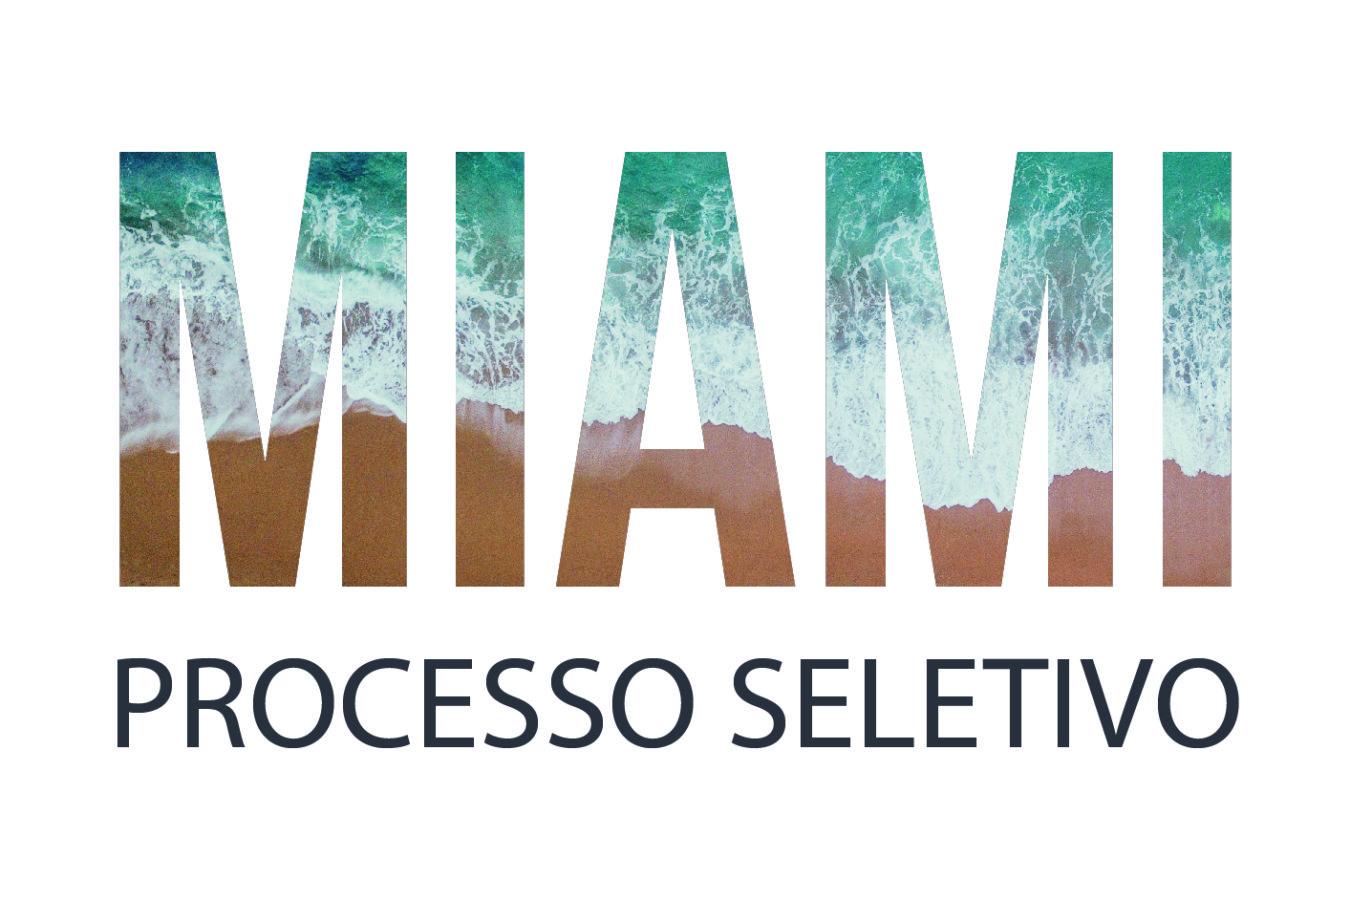 Processo Seletivo - Miami